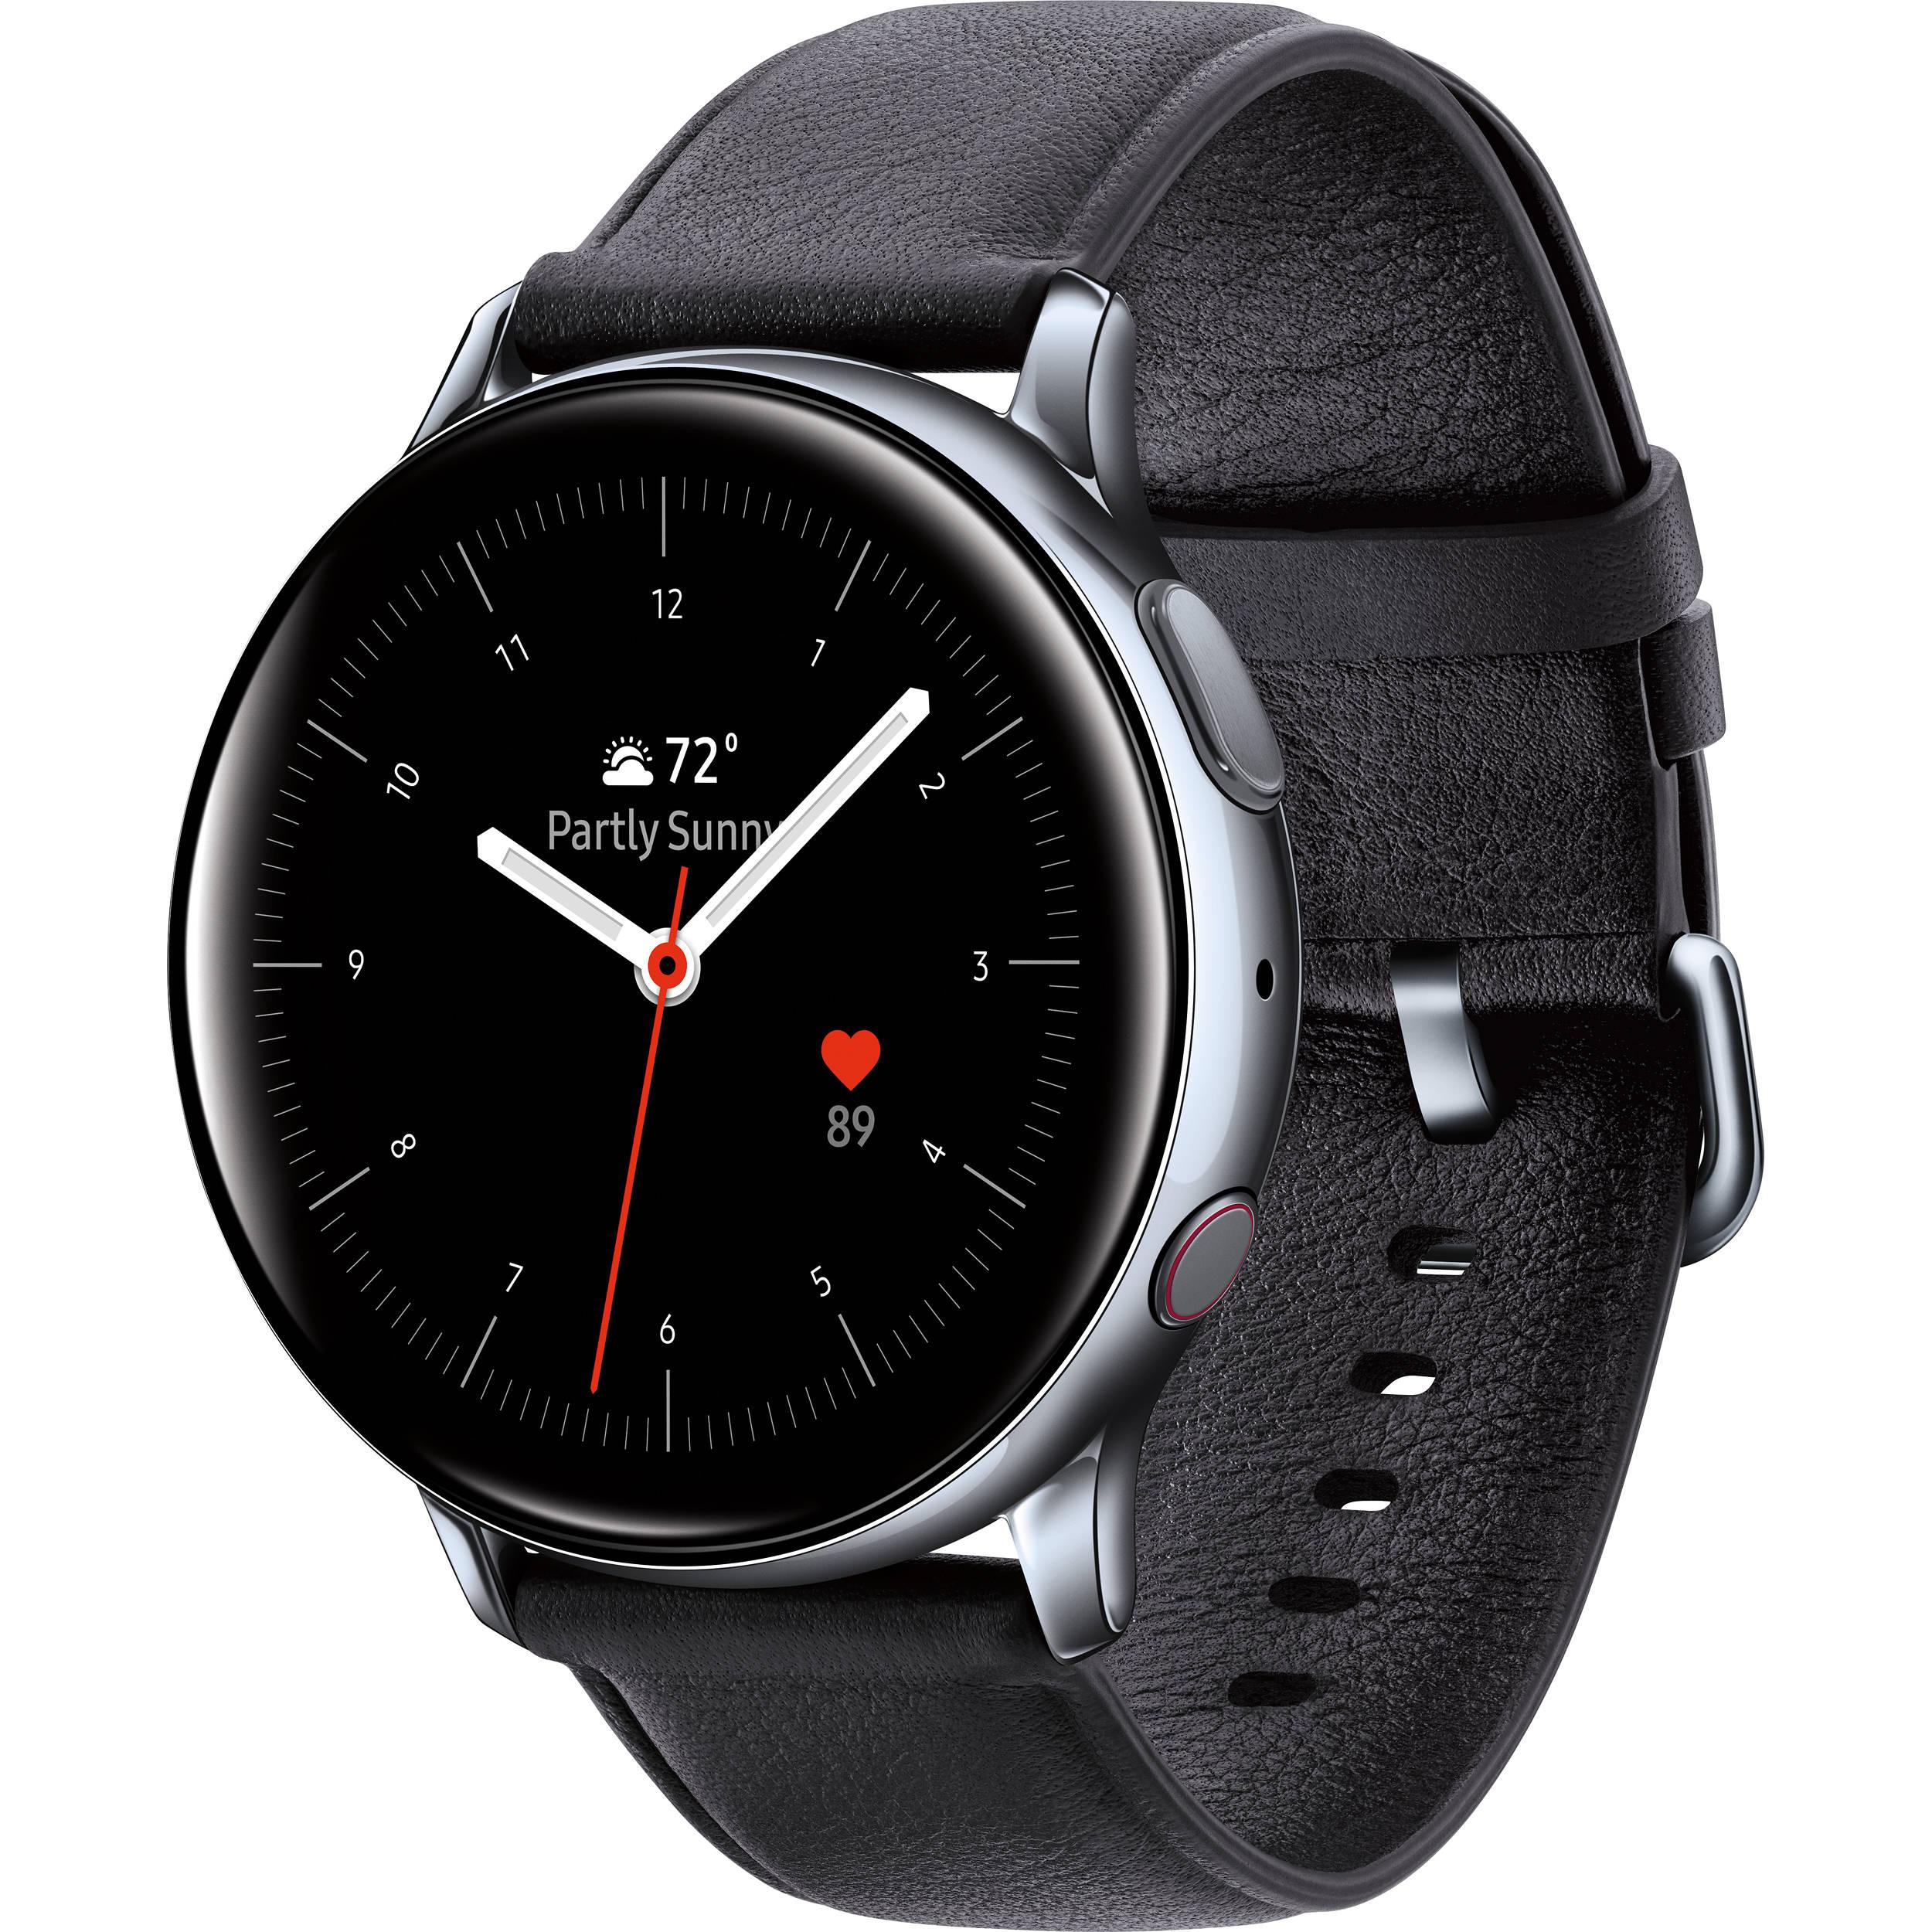 Samsung Galaxy Watch Active 2 dosta³ aktualizacjê firmware'u